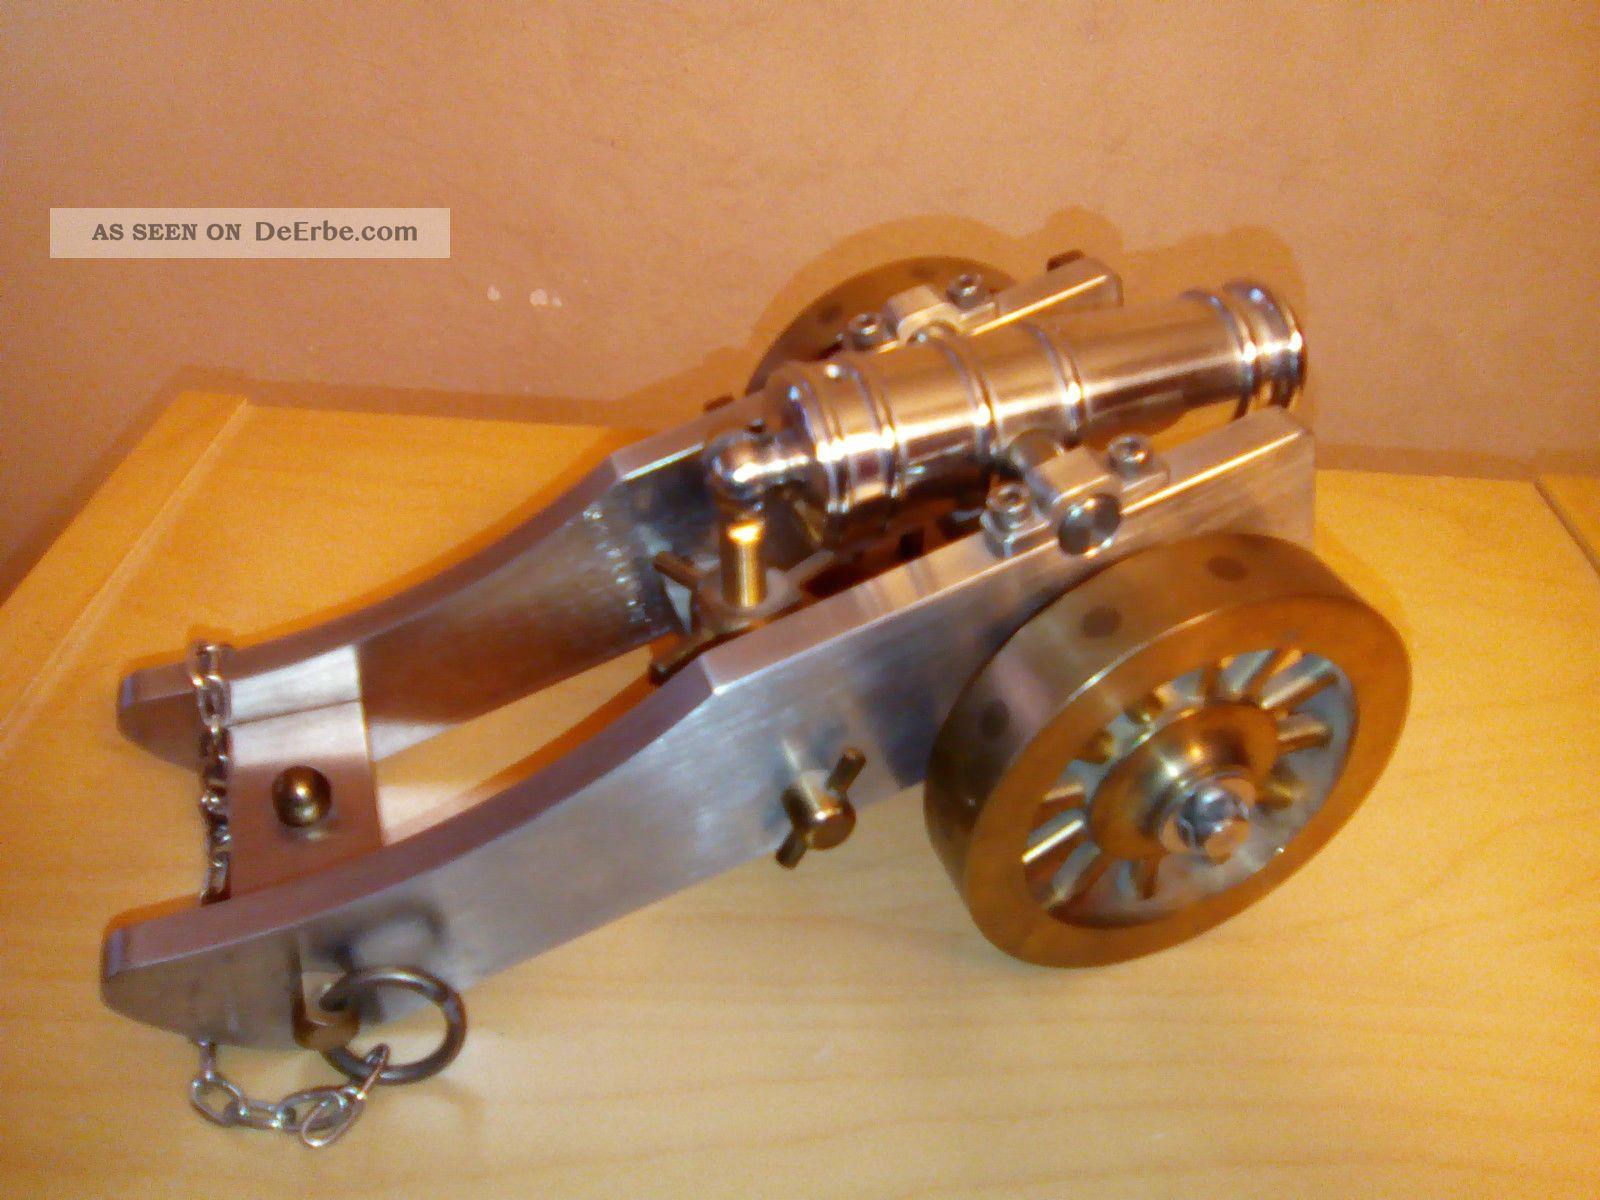 Kanone Lafette Standmodell Modellkanone Messingkanone Länge 22 Cm Gefertigt nach 1945 Bild